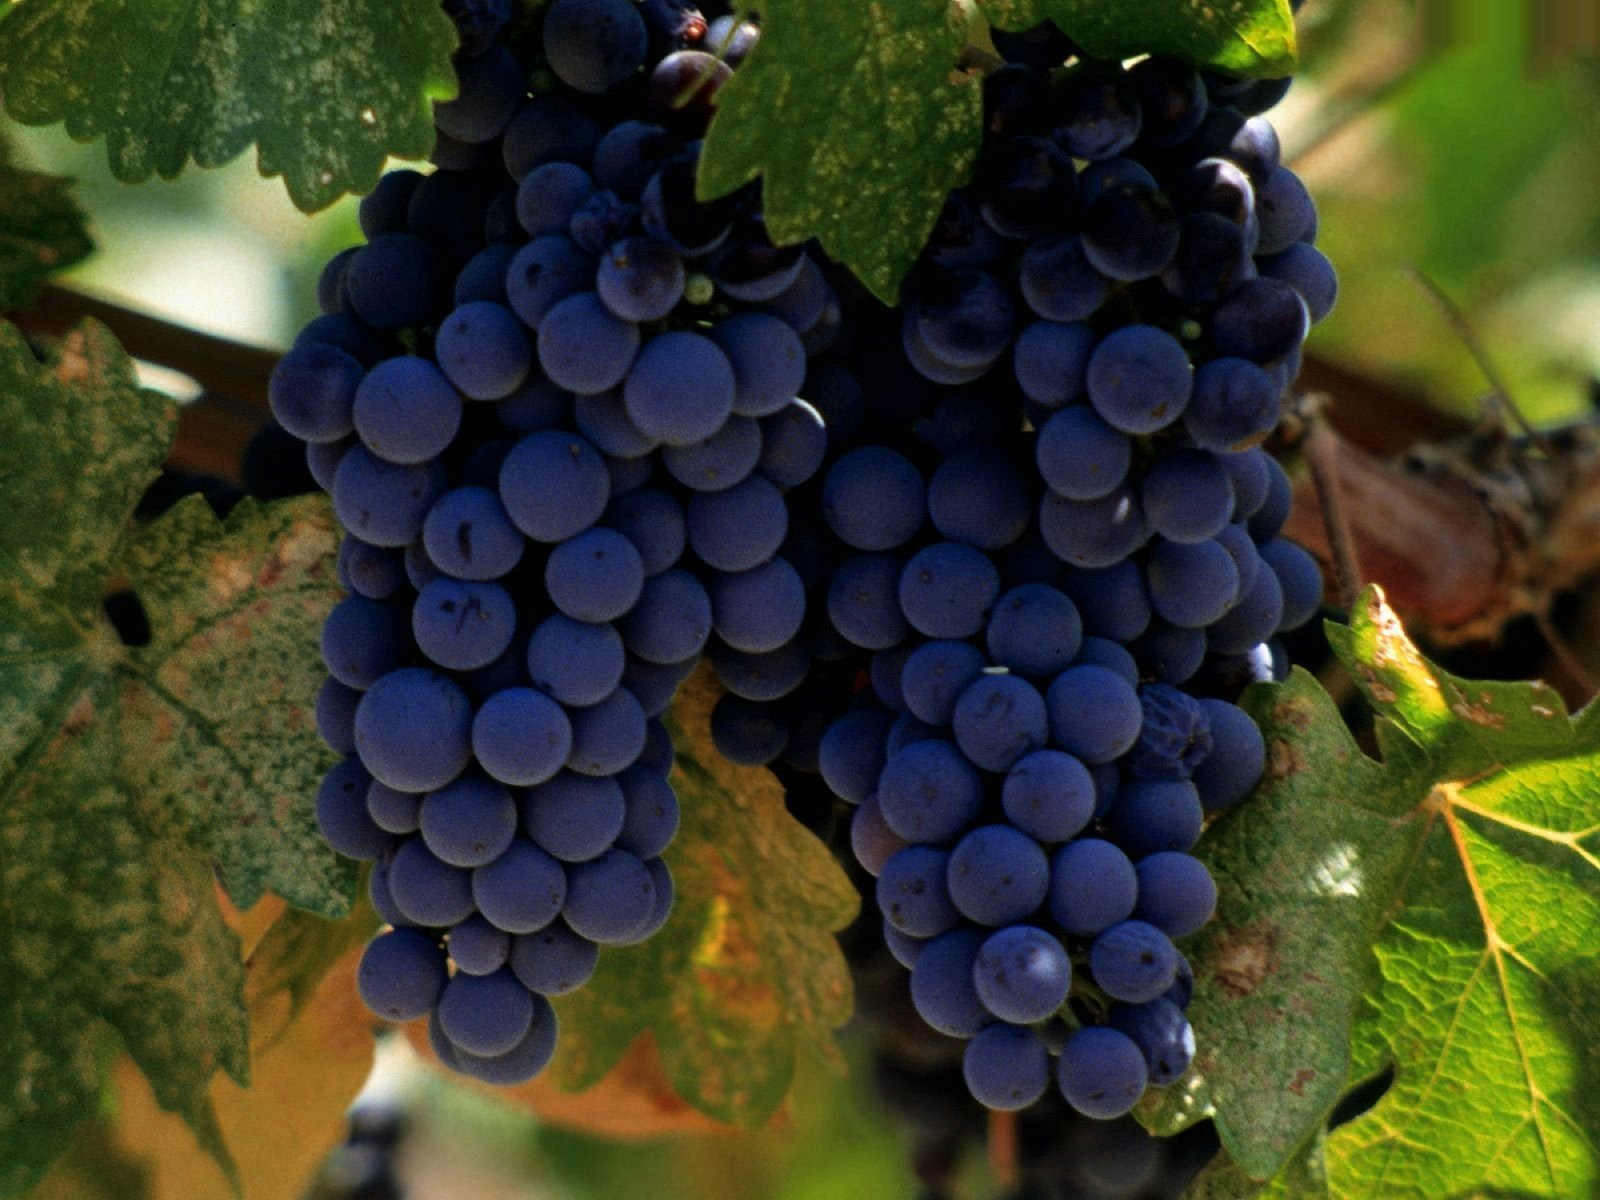 Виноград играет важную роль в защите от метаболического синдрома